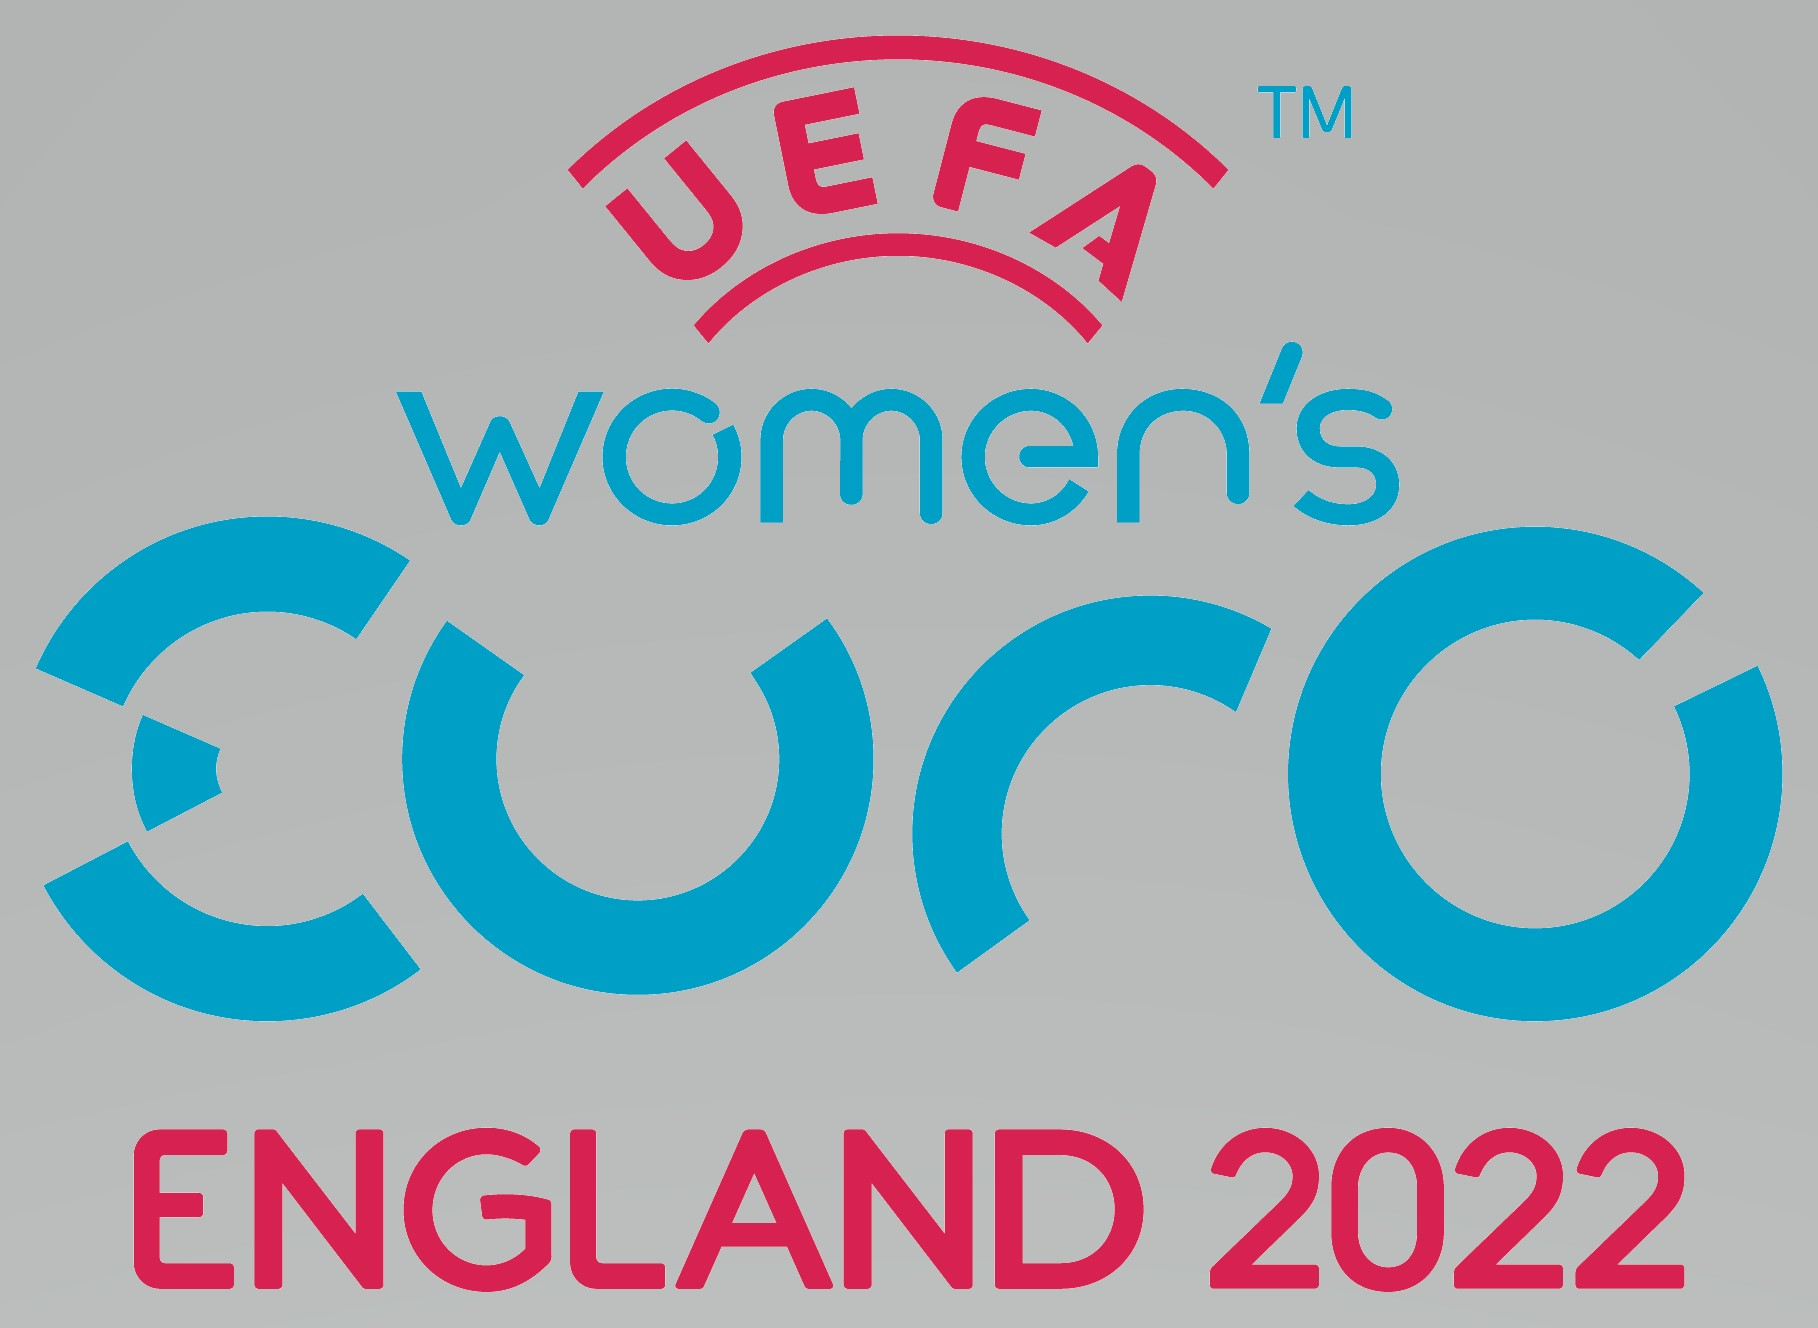 Logotipo de la Eurocopa Femenina de la UEFA 2022